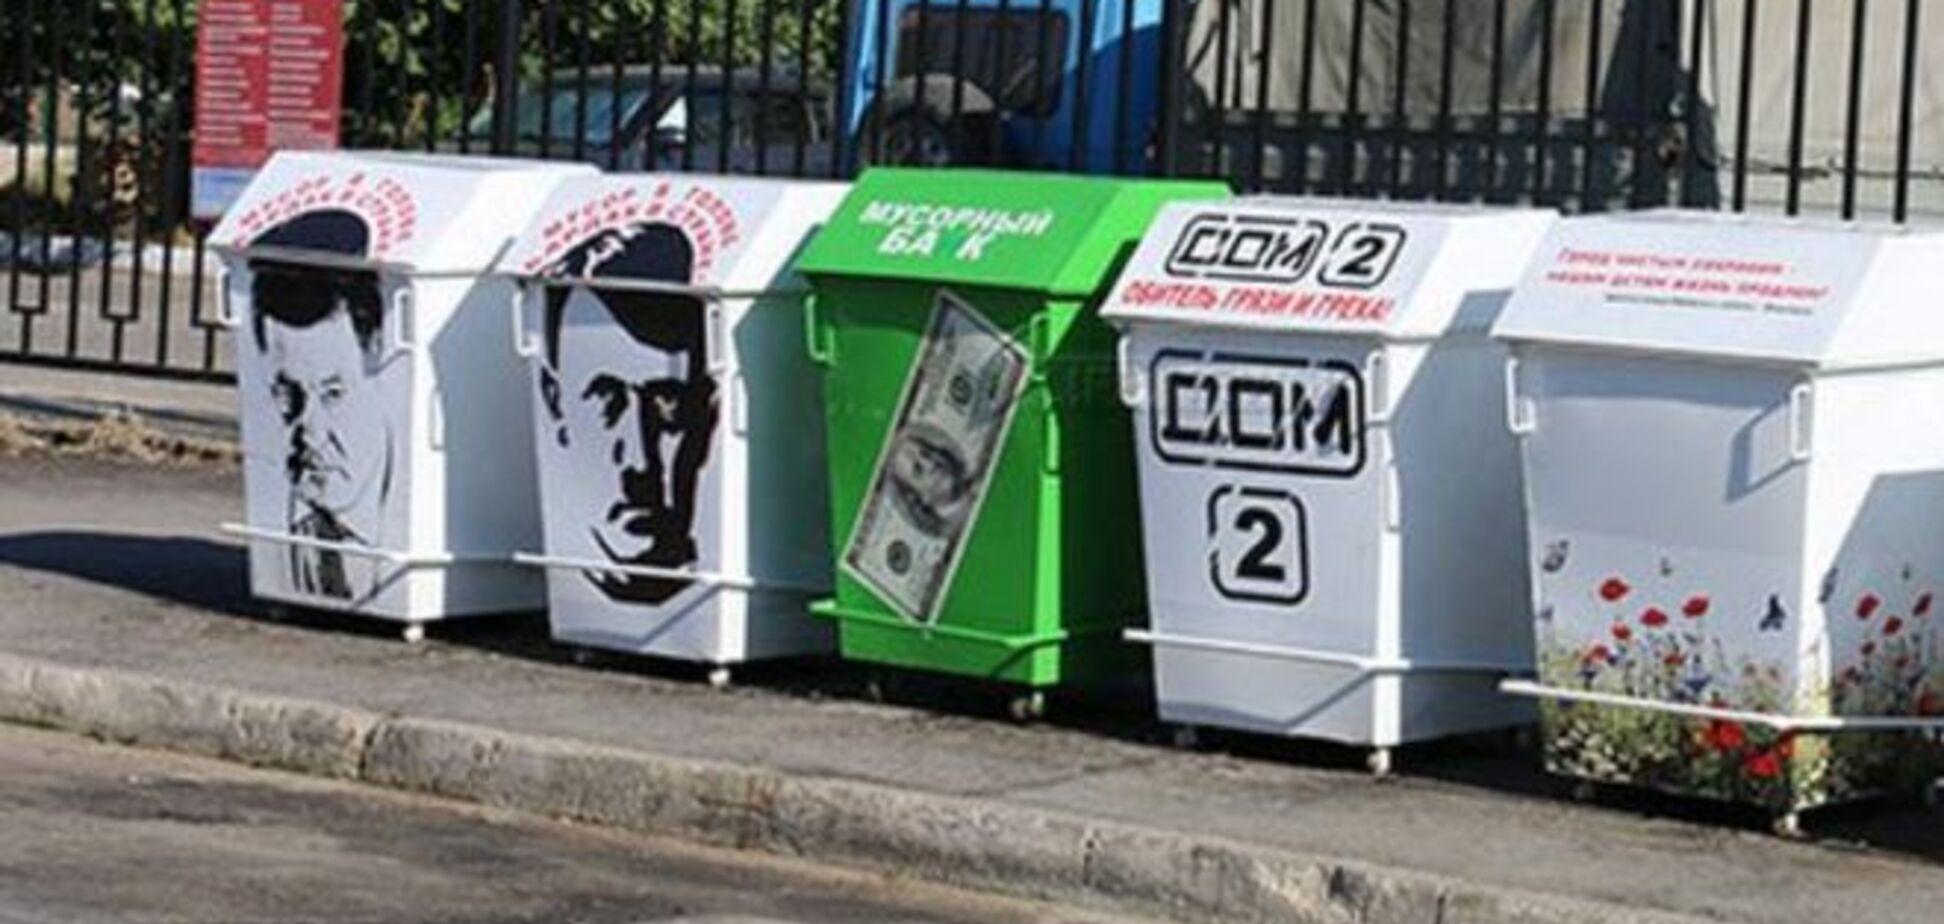 Маразм крепчал. В Росии на мусорных баках нарисовали Гитлера и Порошенко